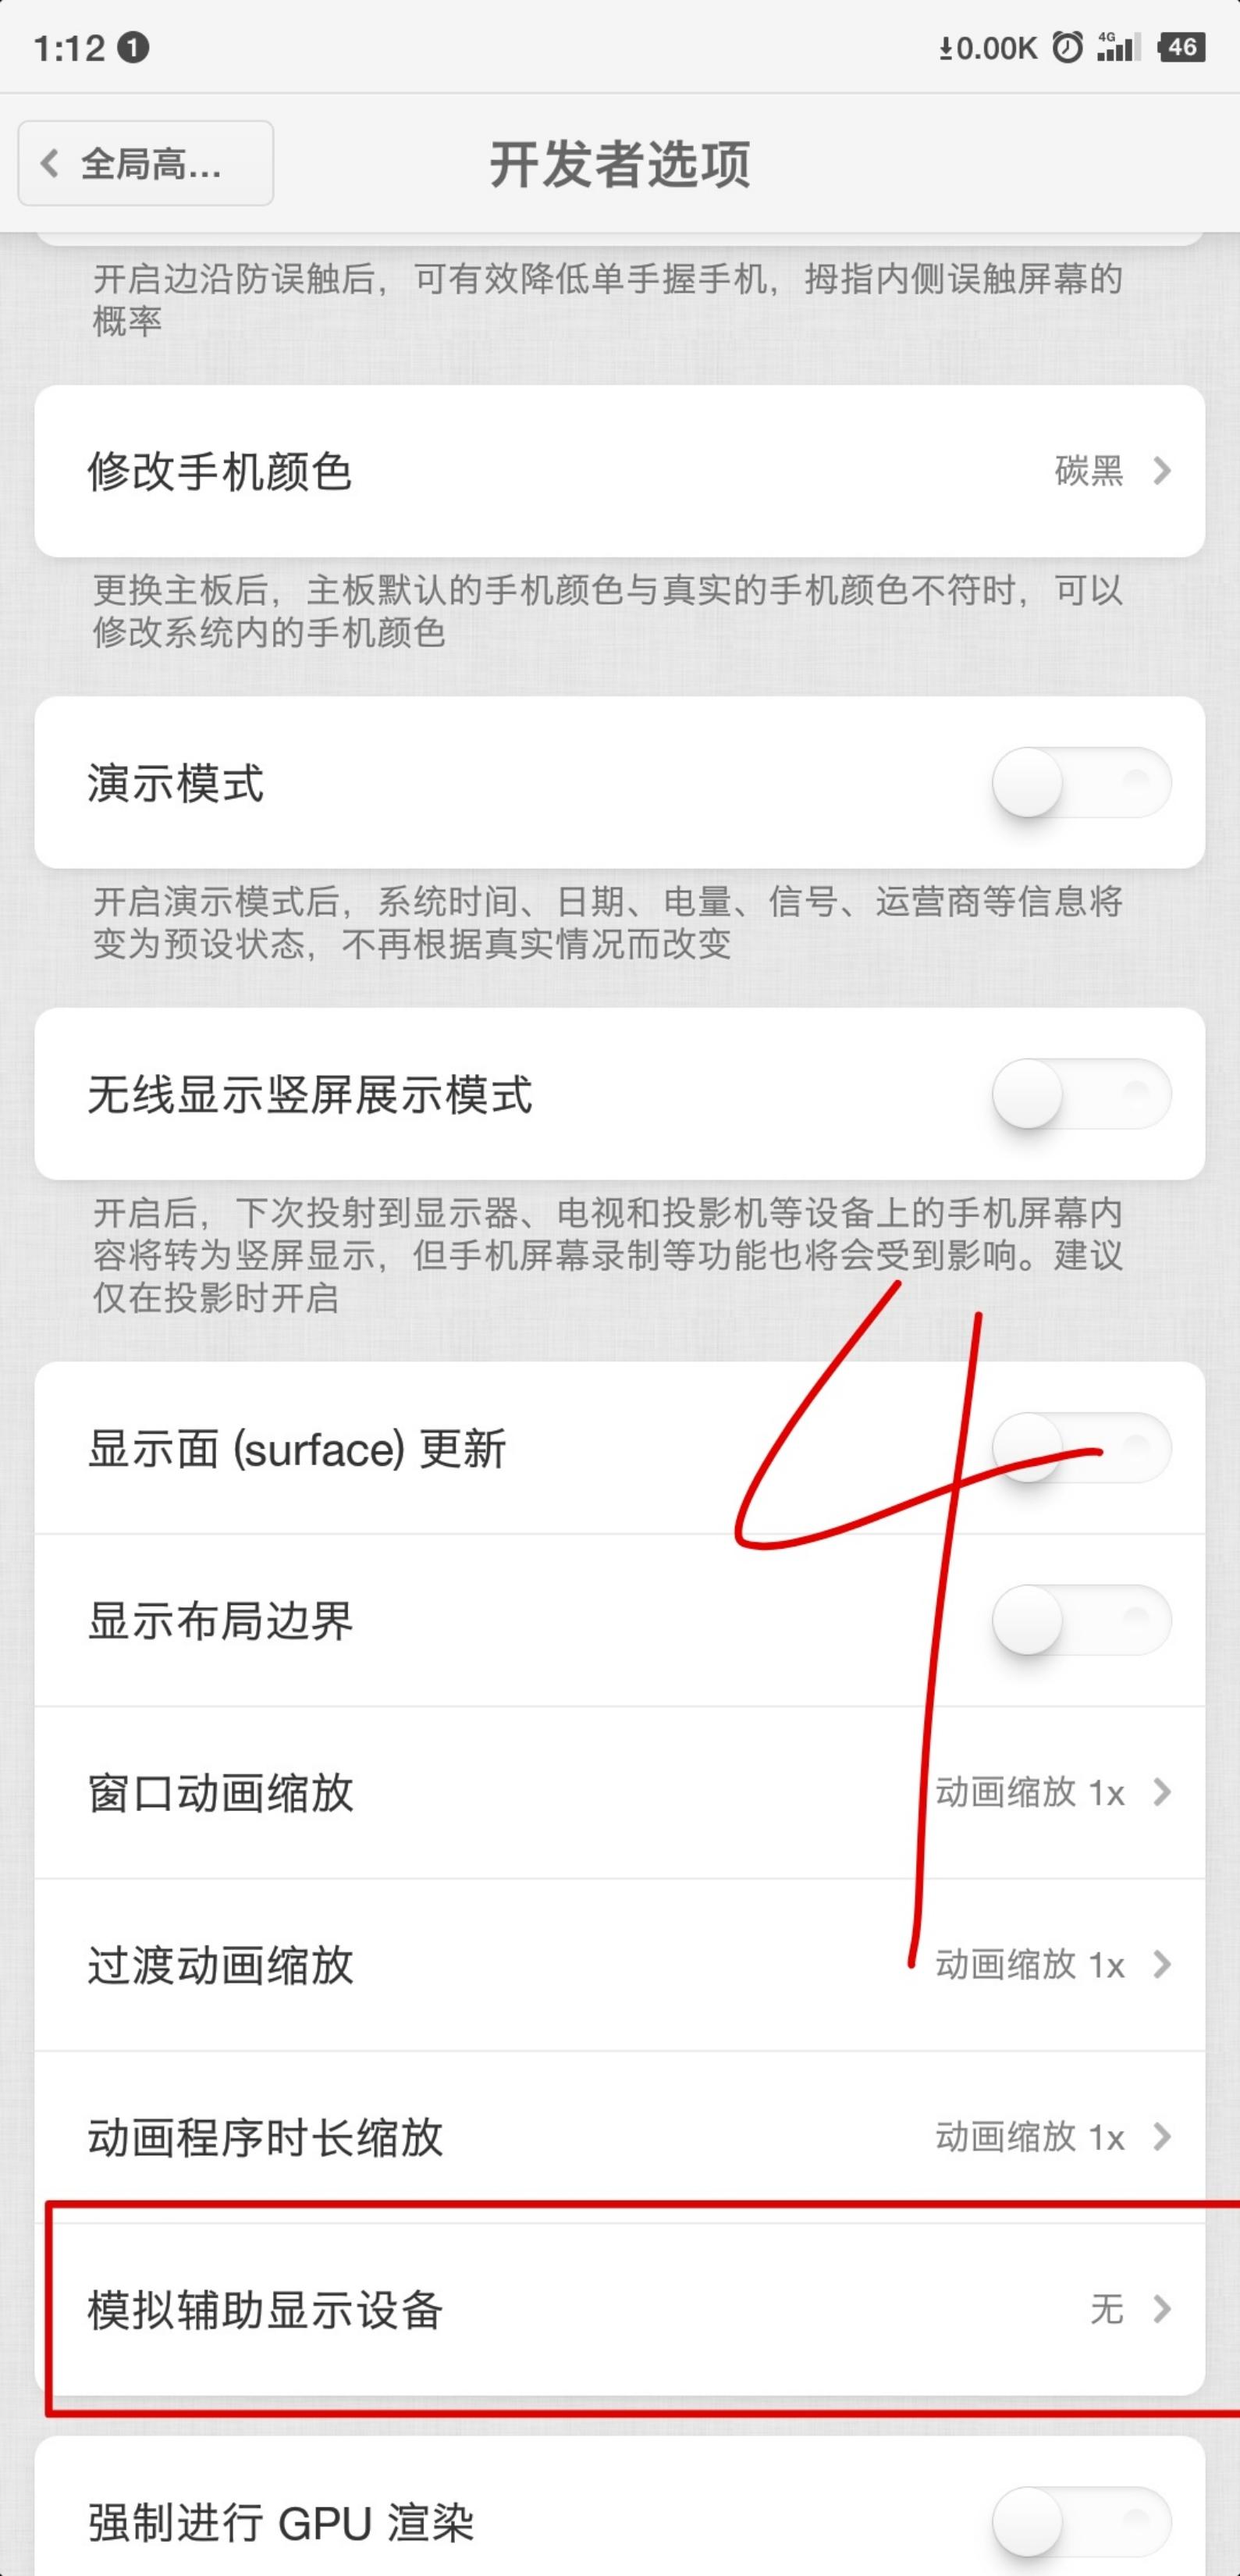 ??_Screenshot_2019-10-14-01-12-13-181_??_1.jpg